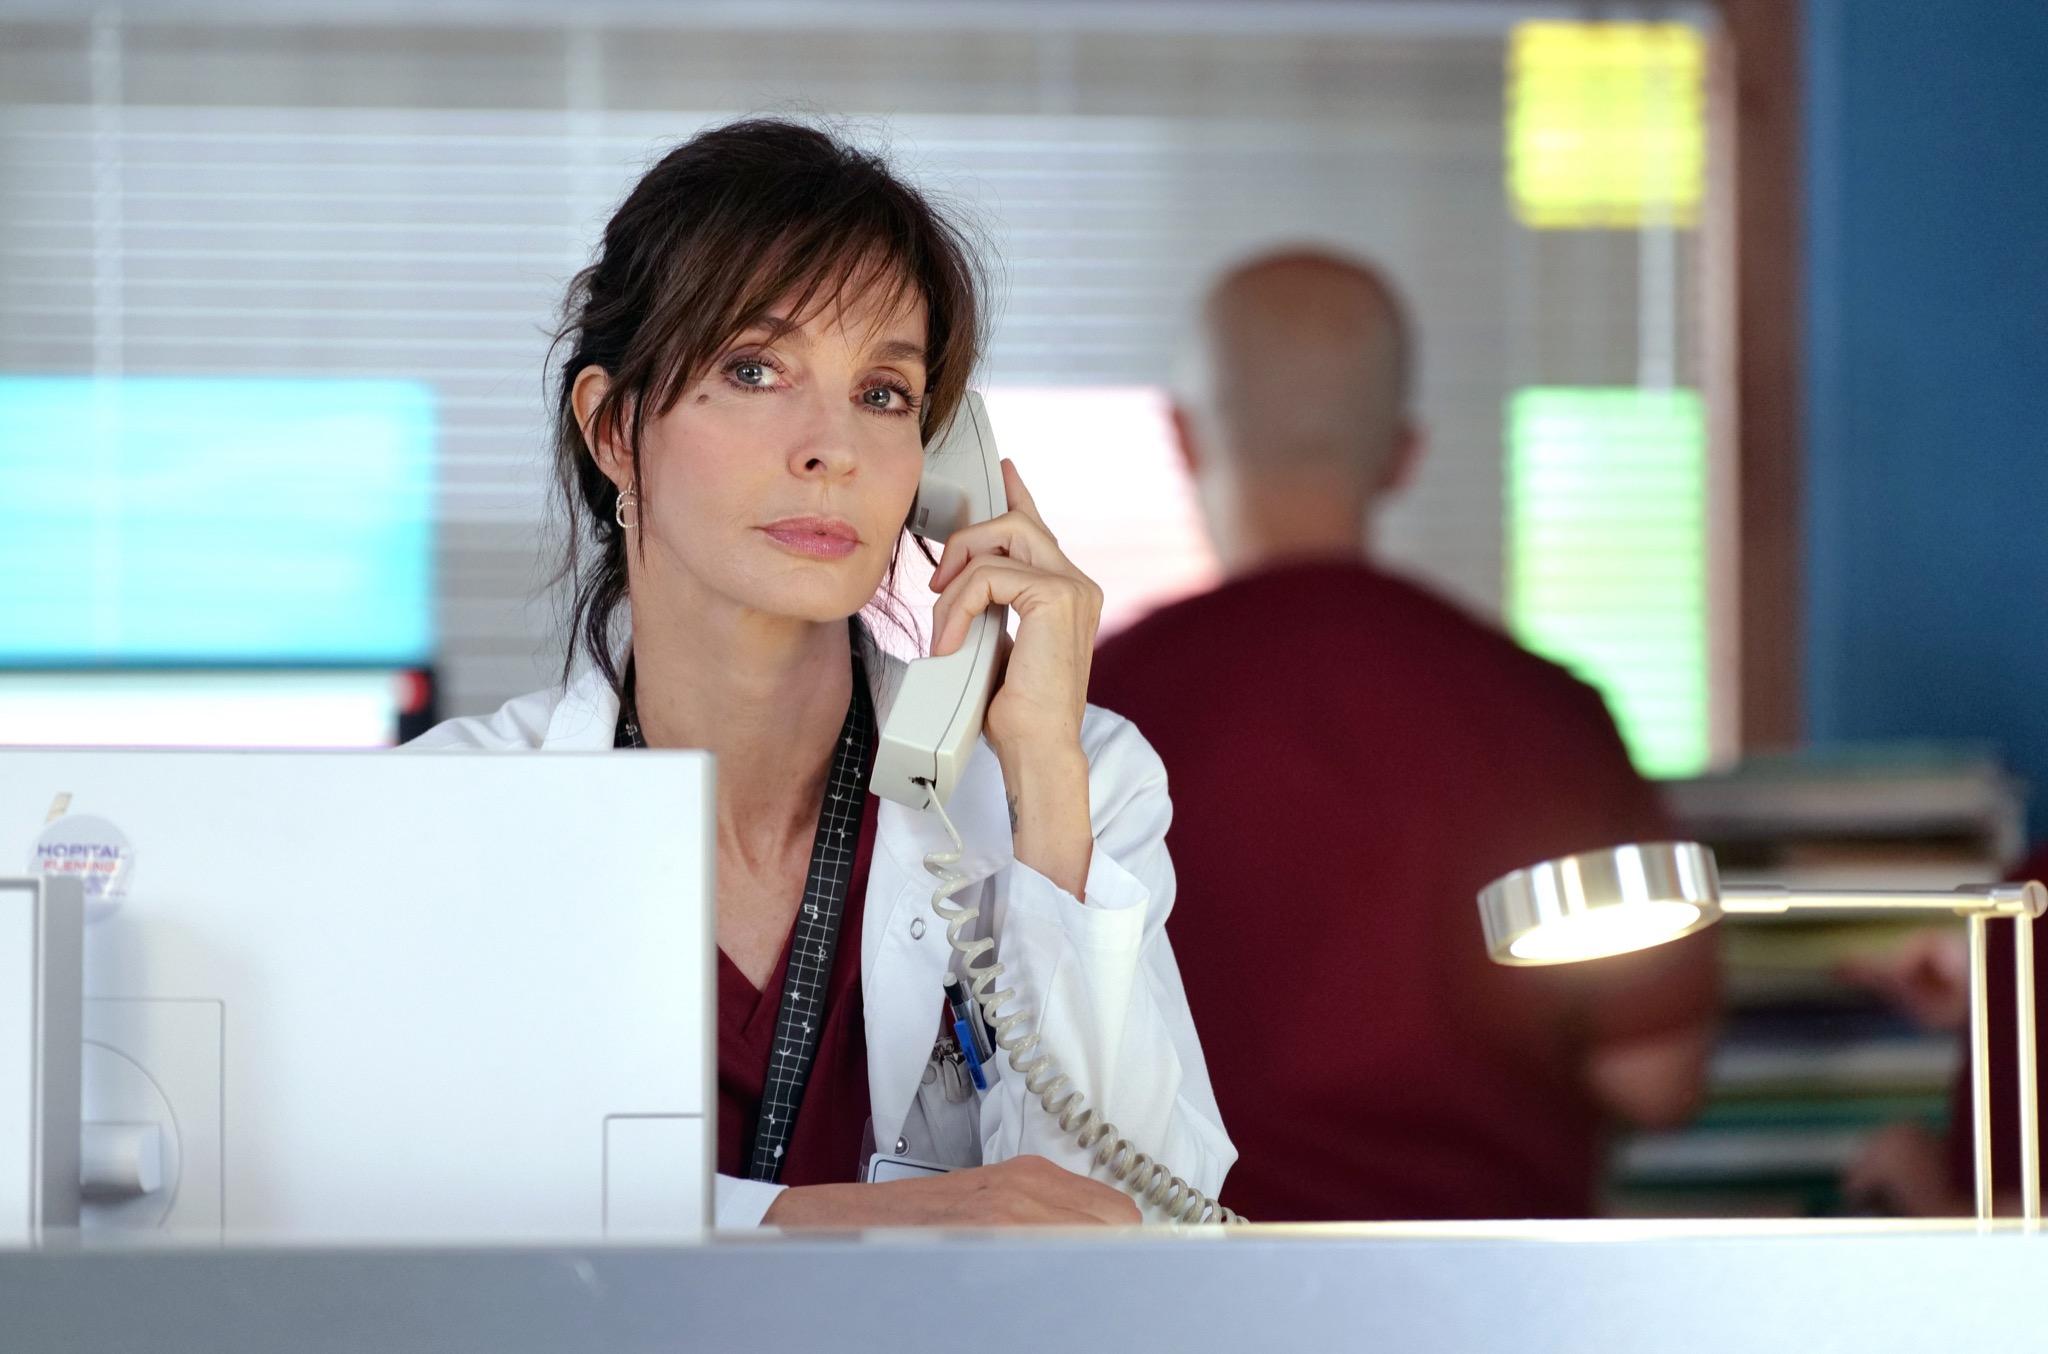 H24 saison 1 image série télé médicale